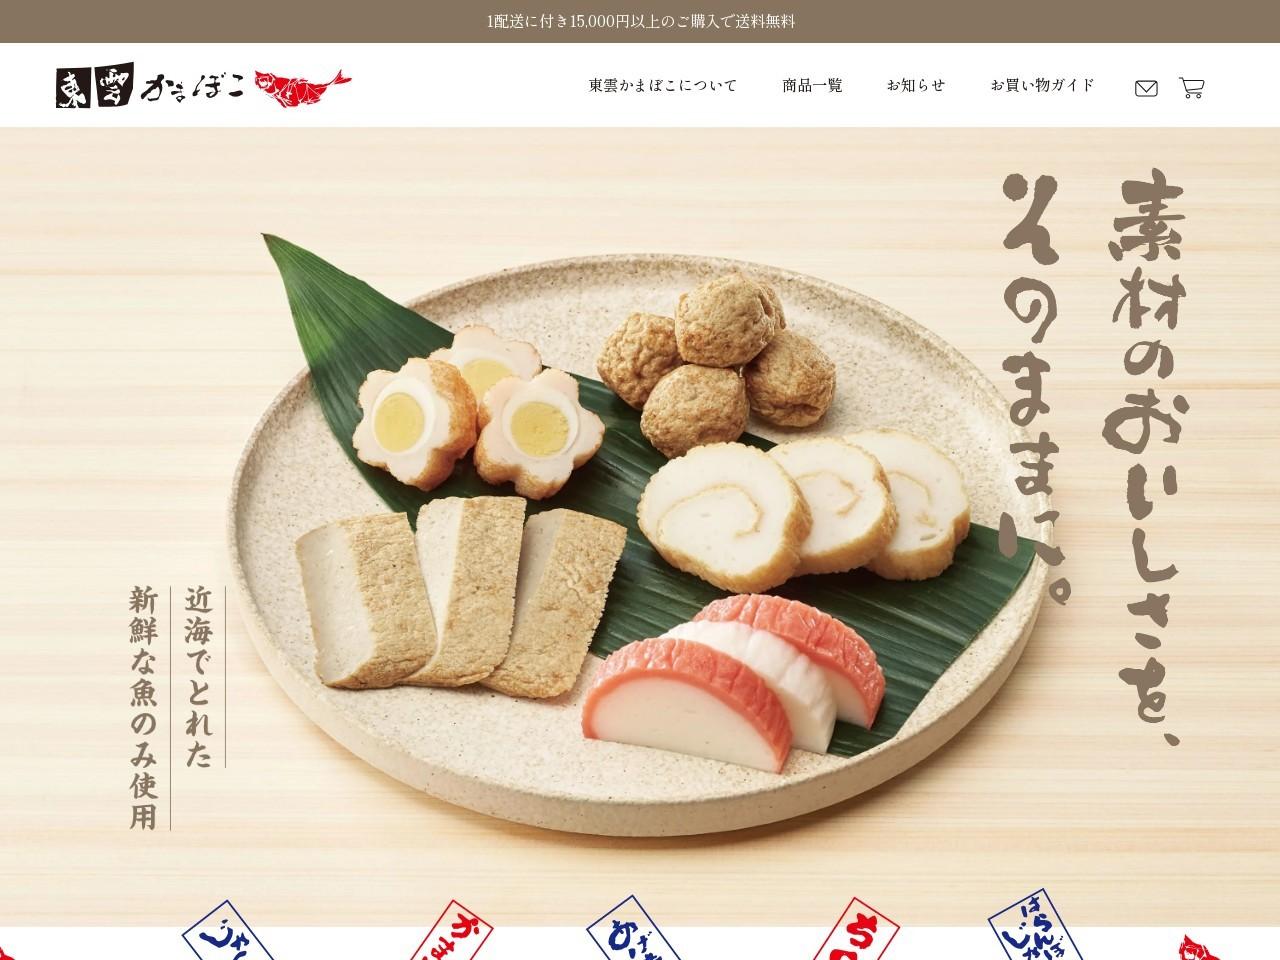 ■無添加!東雲かまぼこ・じゃこ天、愛媛県、松山市からお届け!